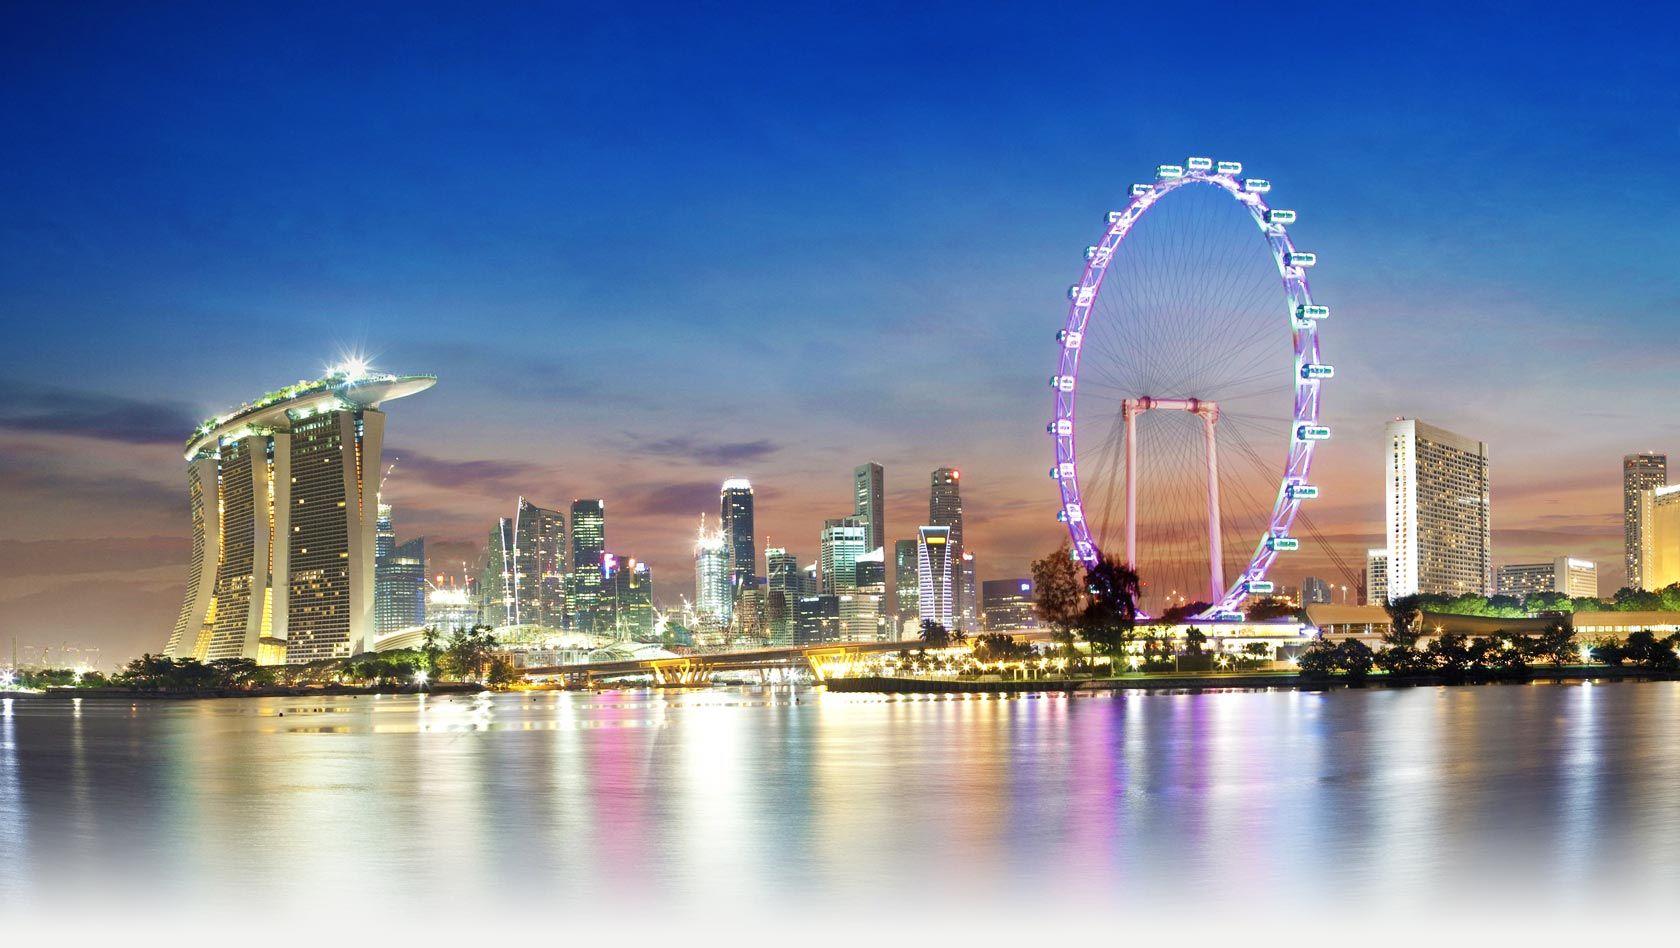 Сингапур. Уикенд в идеальном городе